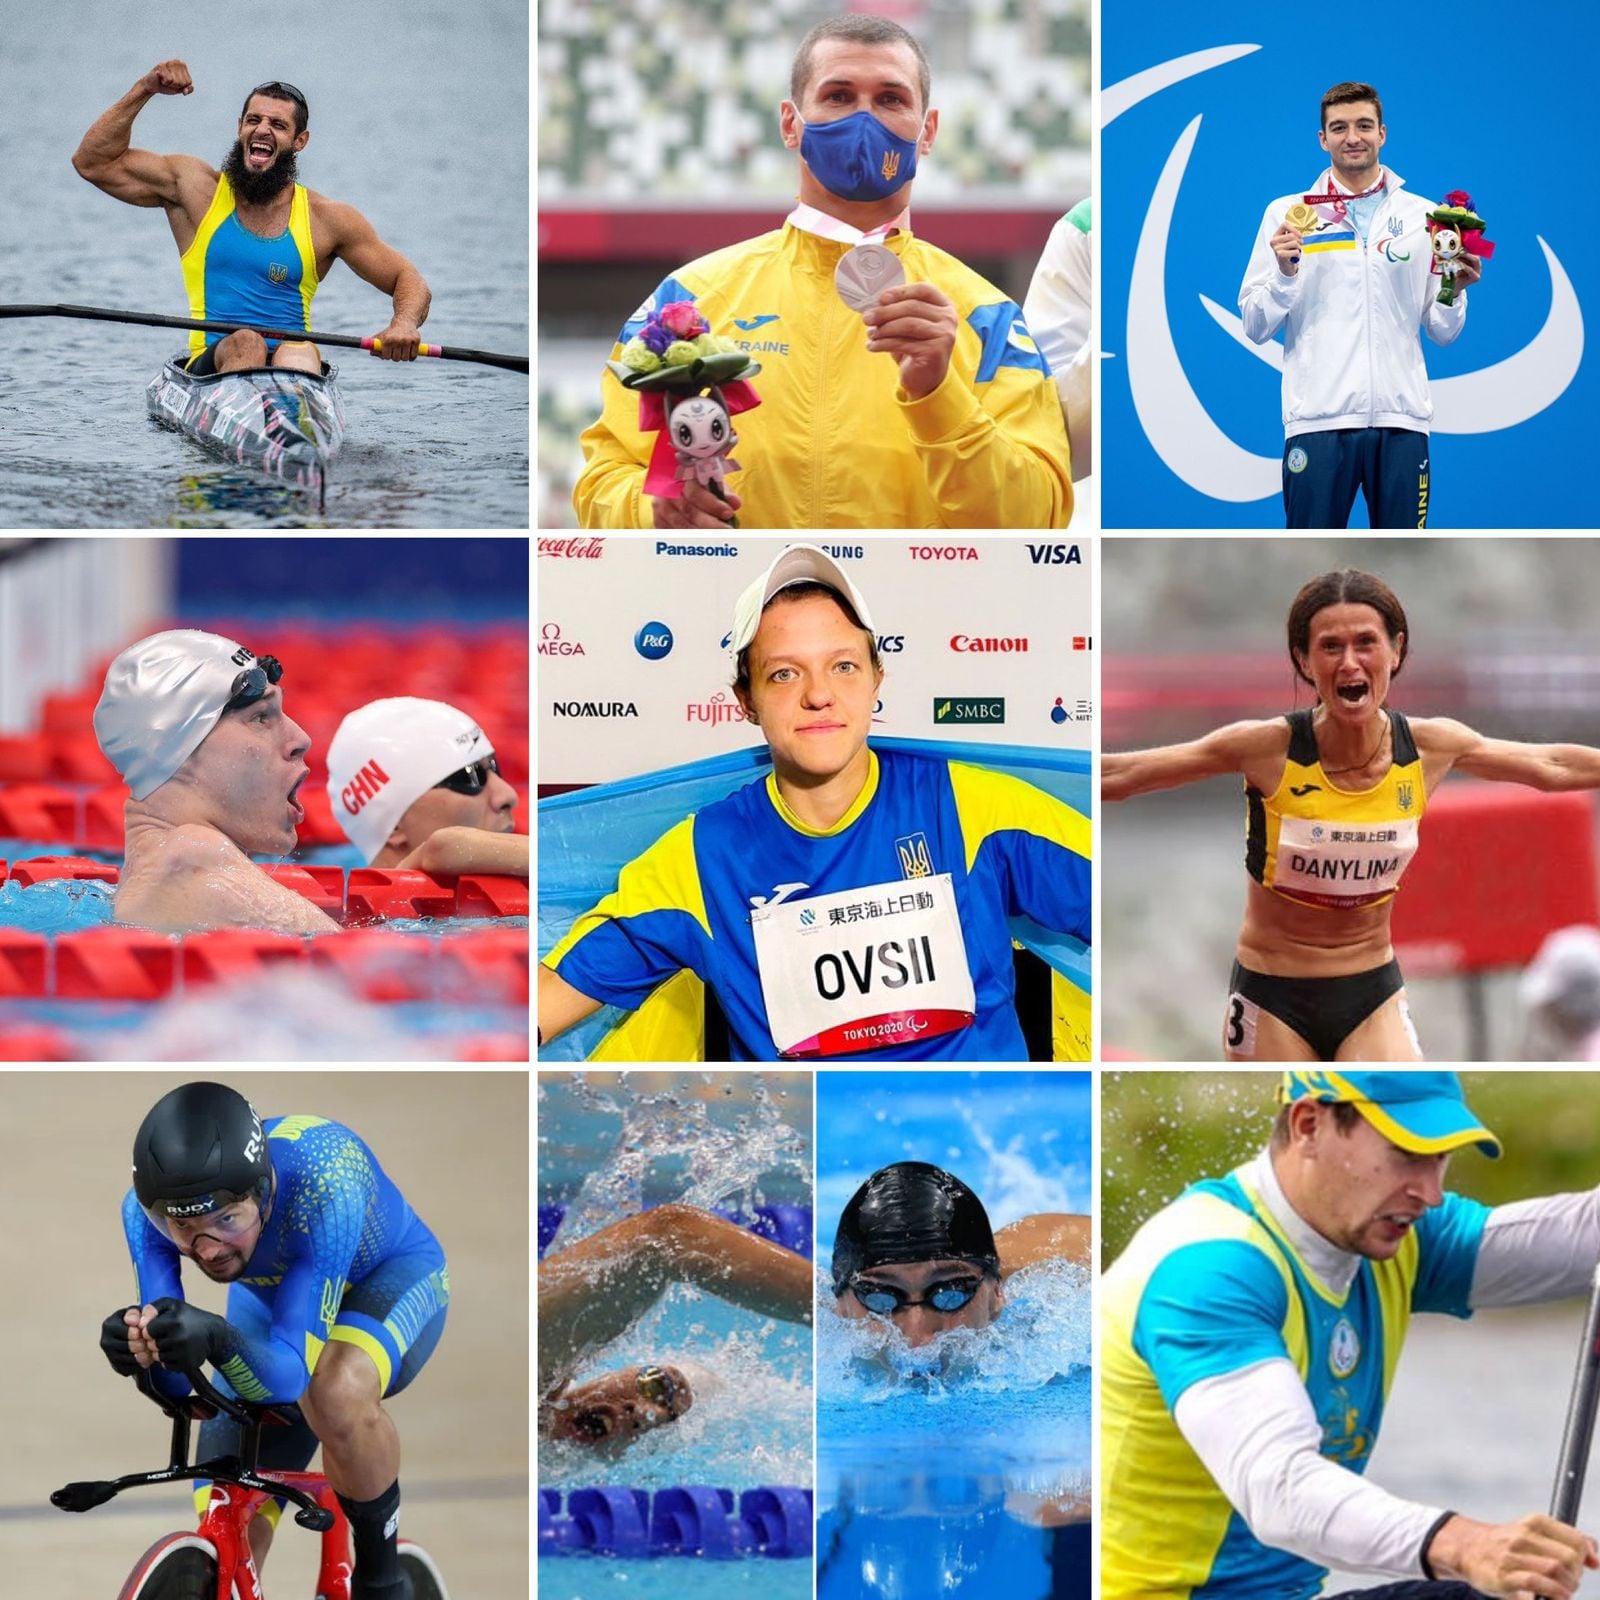 Паралимпиада 2020: на десятый день украинцы получили десять медалей - фото 2